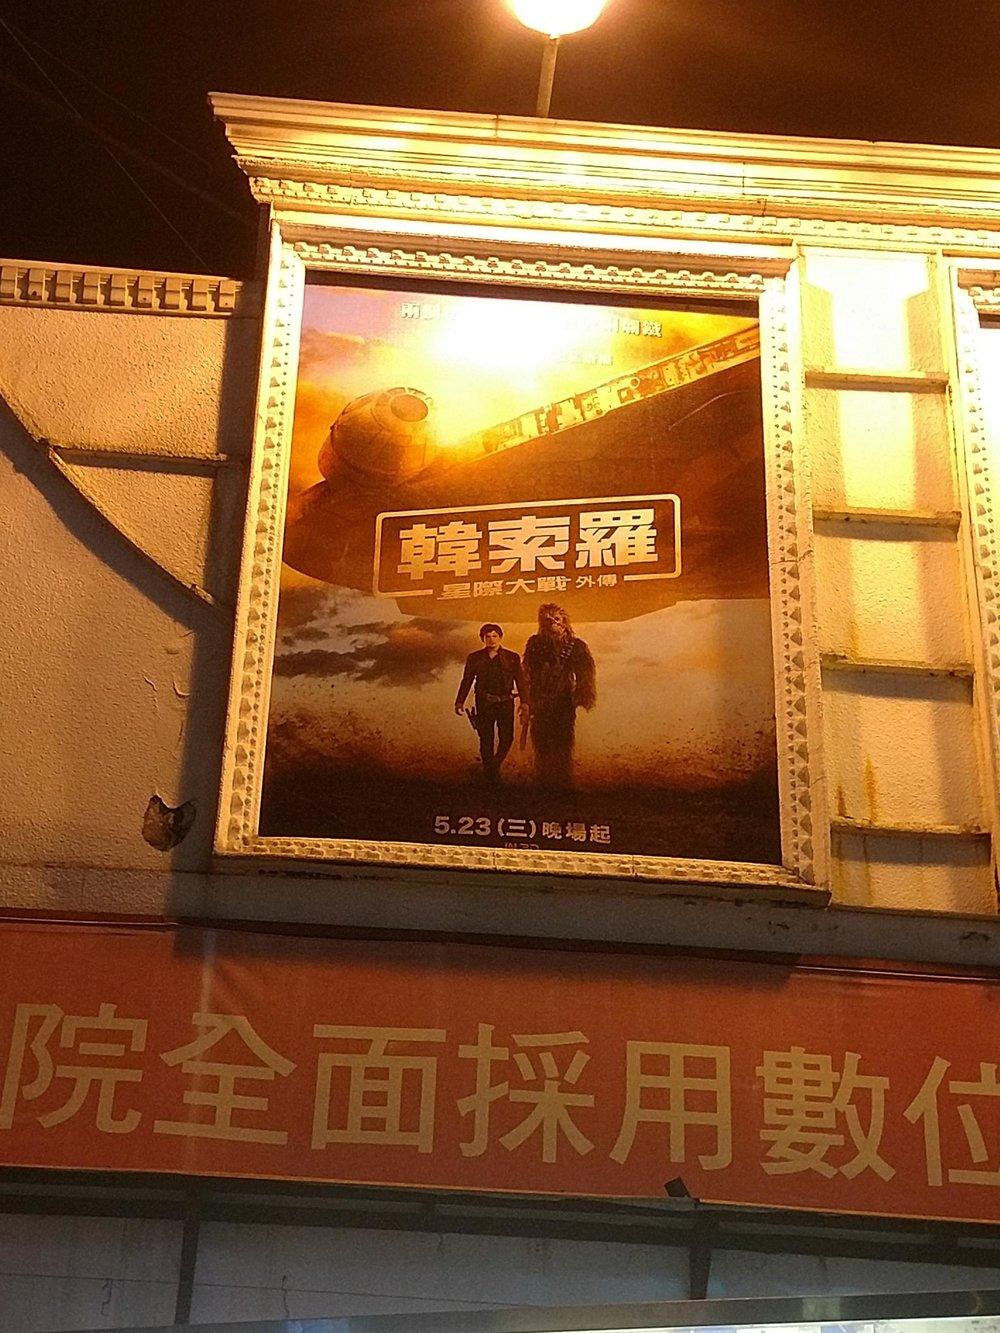 Jih-Hsin / Yu-Ai Cinema - Yilan, Taiwan - Photo Credit: Steve Bales